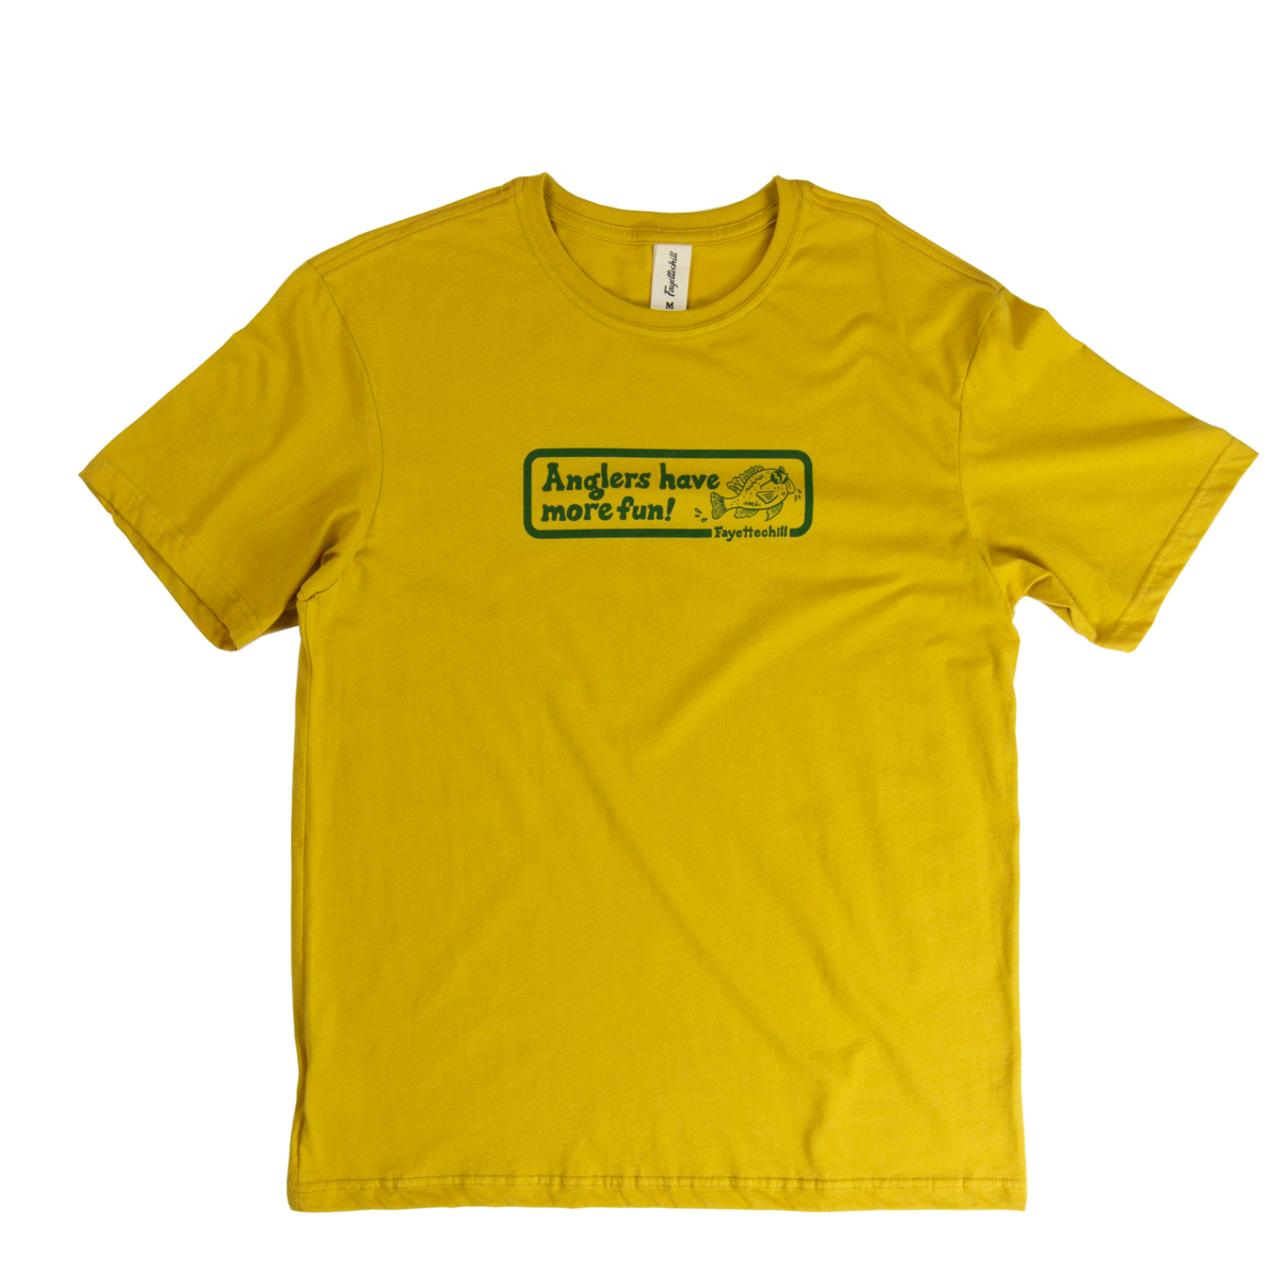 Fayettechill Enthusiast Short Sleeve Tee